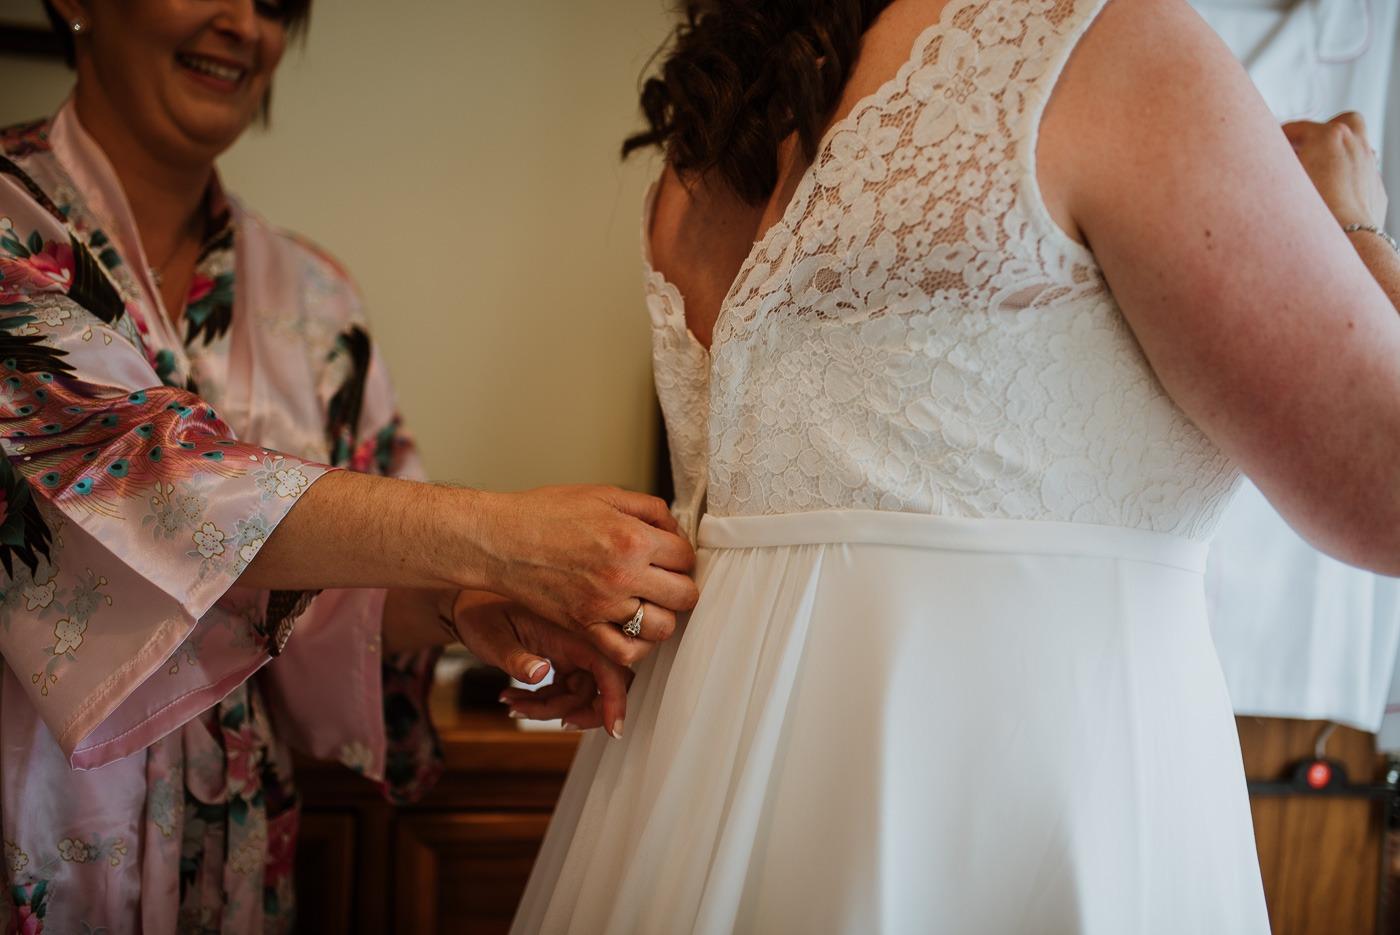 A woman cutting a wedding cake